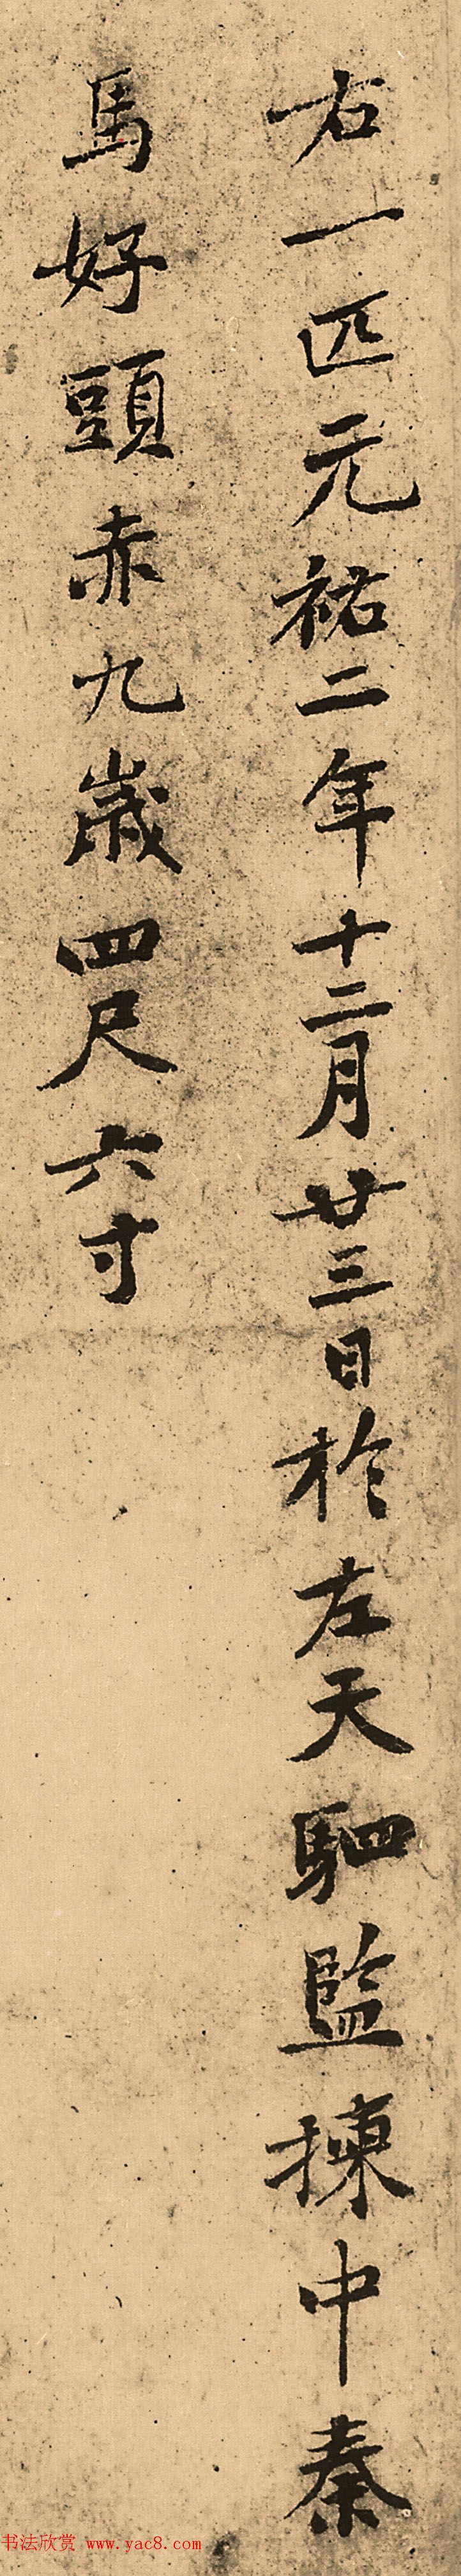 黄庭坚书法题记+黄鲁直行书跋语